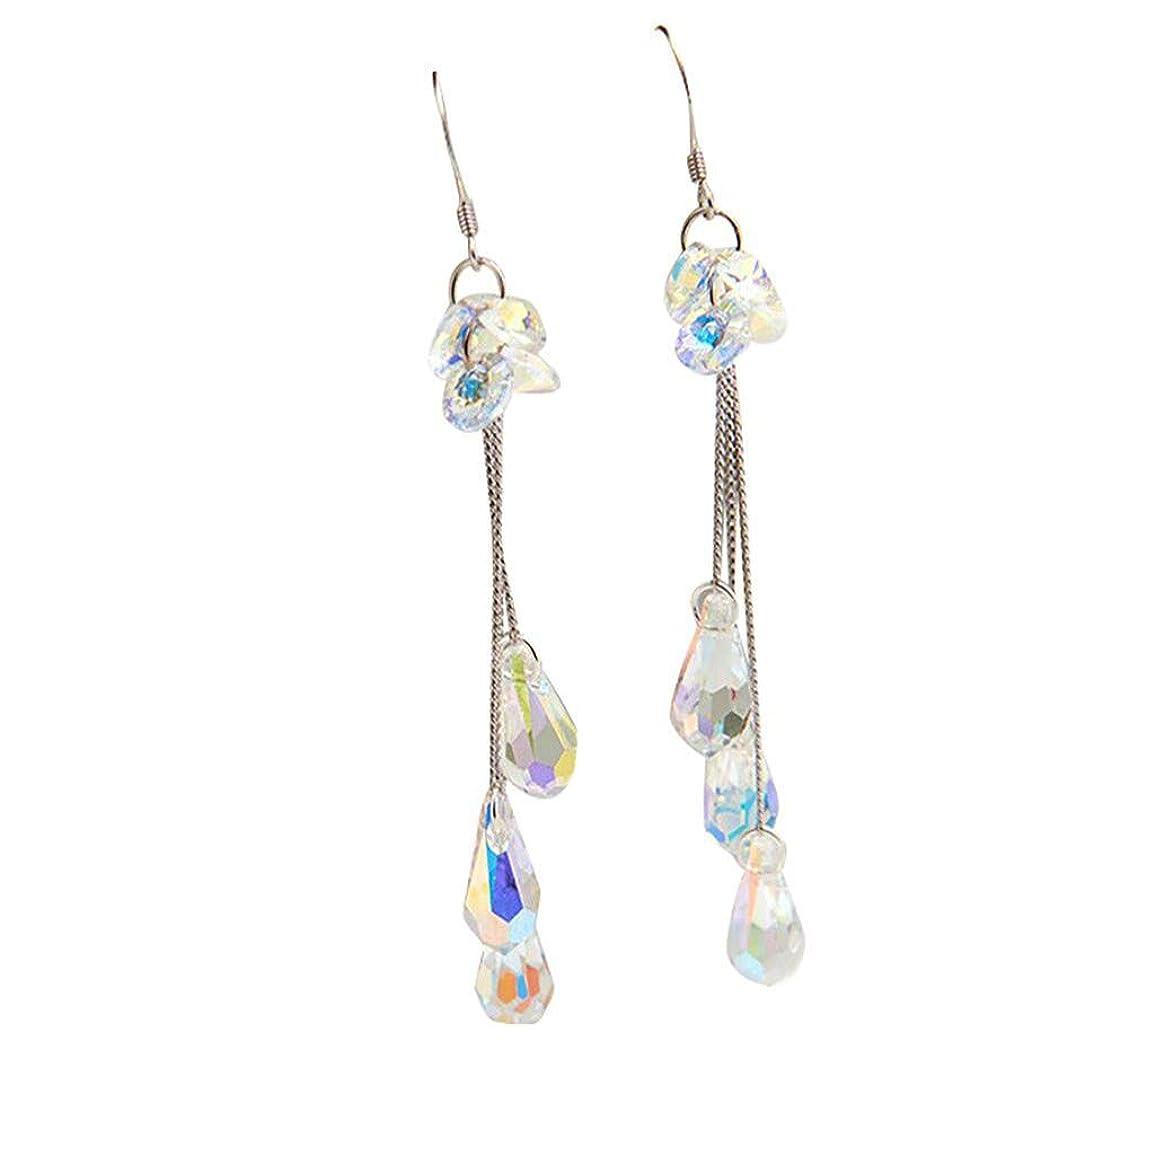 クレデンシャル教える寝室を掃除するNicircle ファッショントレンド 単純な 色 クリスタル ロングピアス レディースワイルドアクセサリー シルバー Fashion Trend Simple Color Crystal Long Earrings Ladies Wild Jewelry